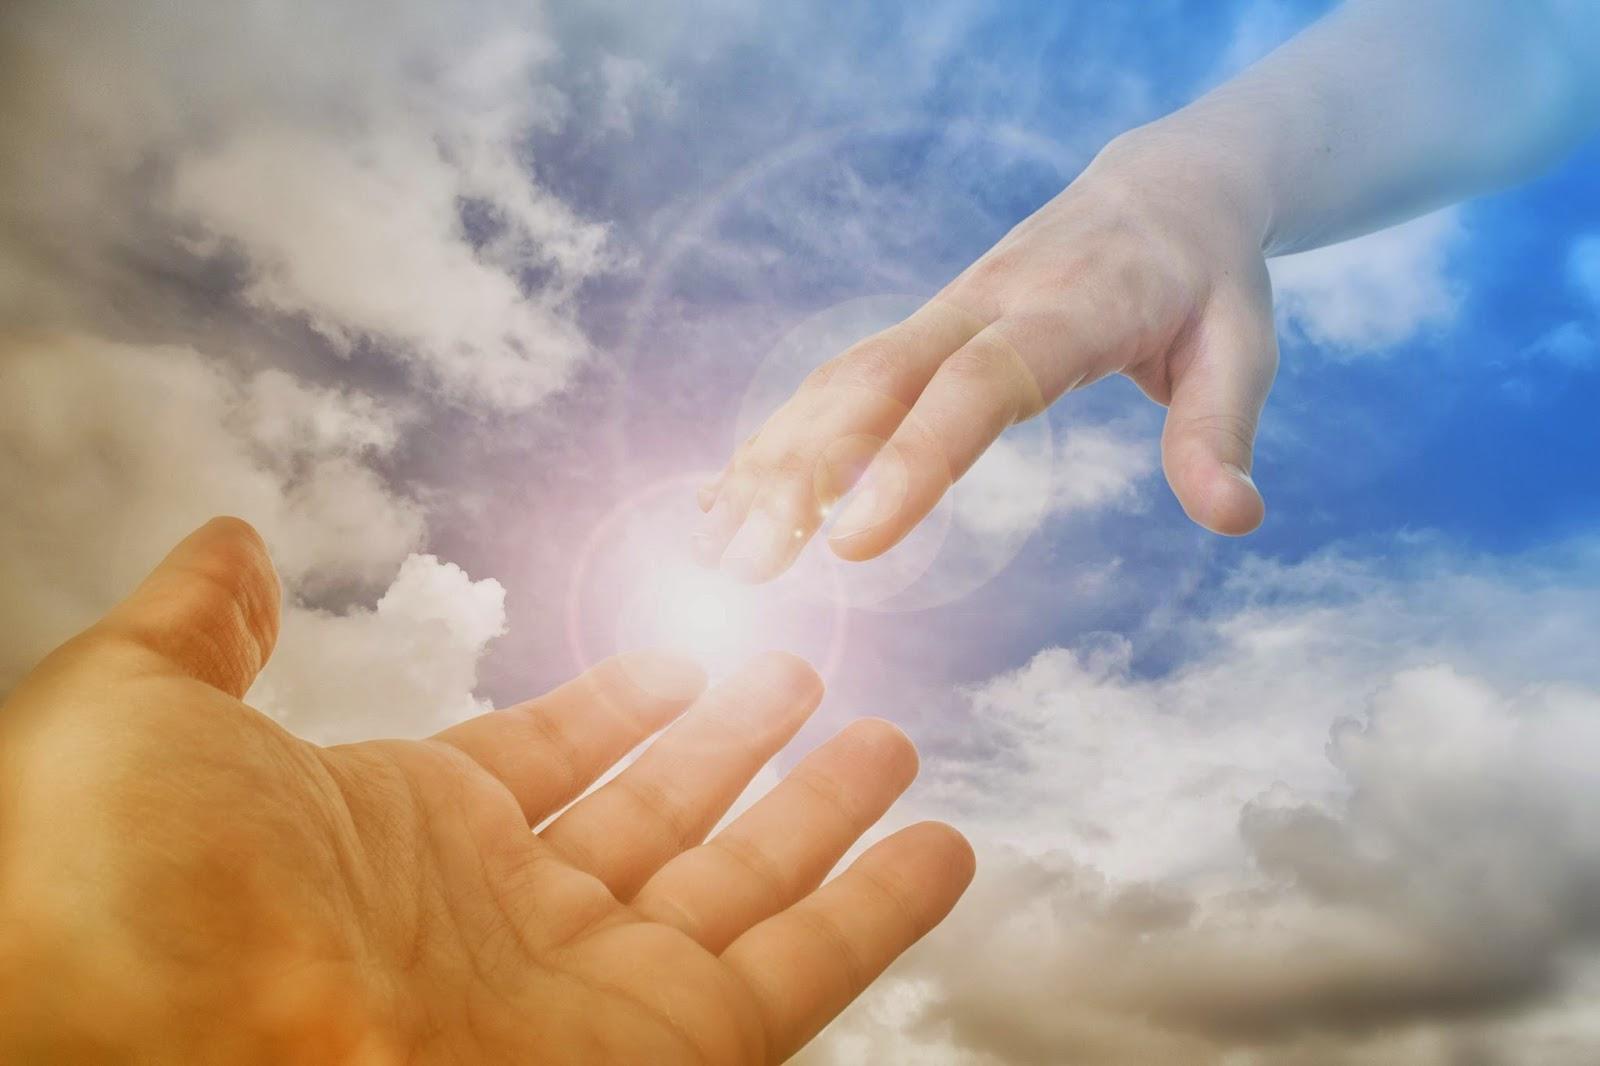 ΠΑΙΡΝΟΝΤΑΣ ΣΥΝΕΝΤΕΥΞΗ ΑΠΟ ΤΟ … ΘΕΟ !